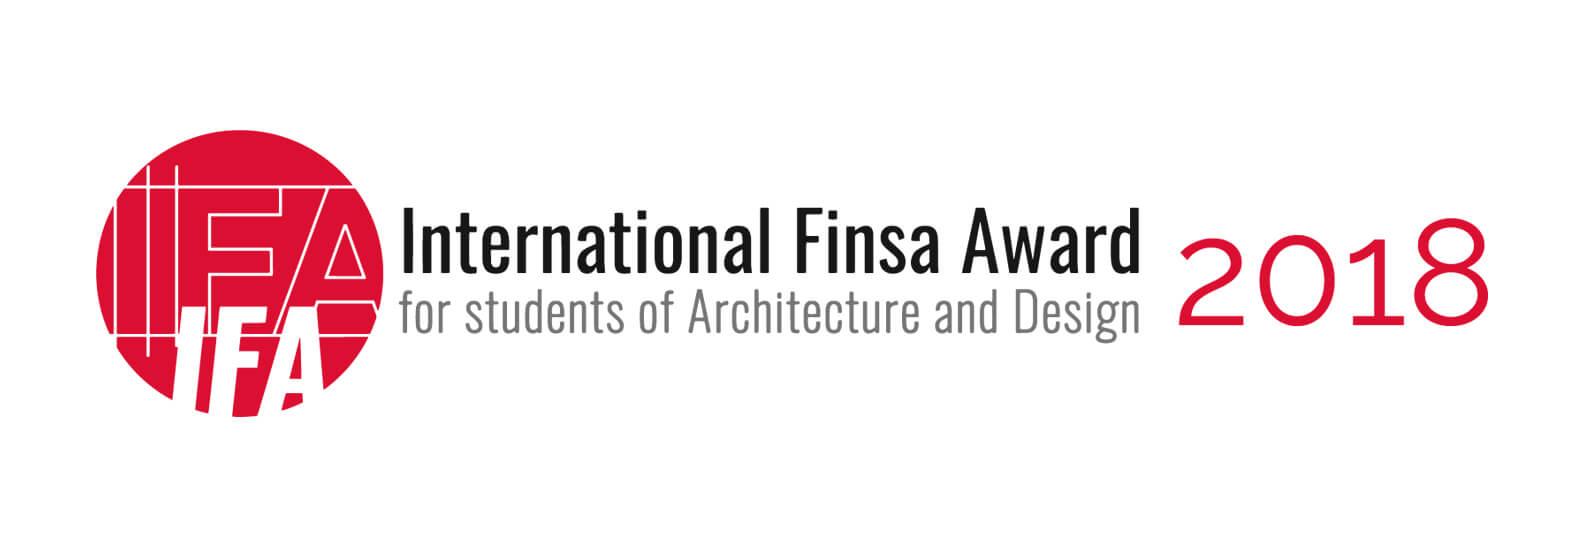 IFA – International Finsa Award 2018